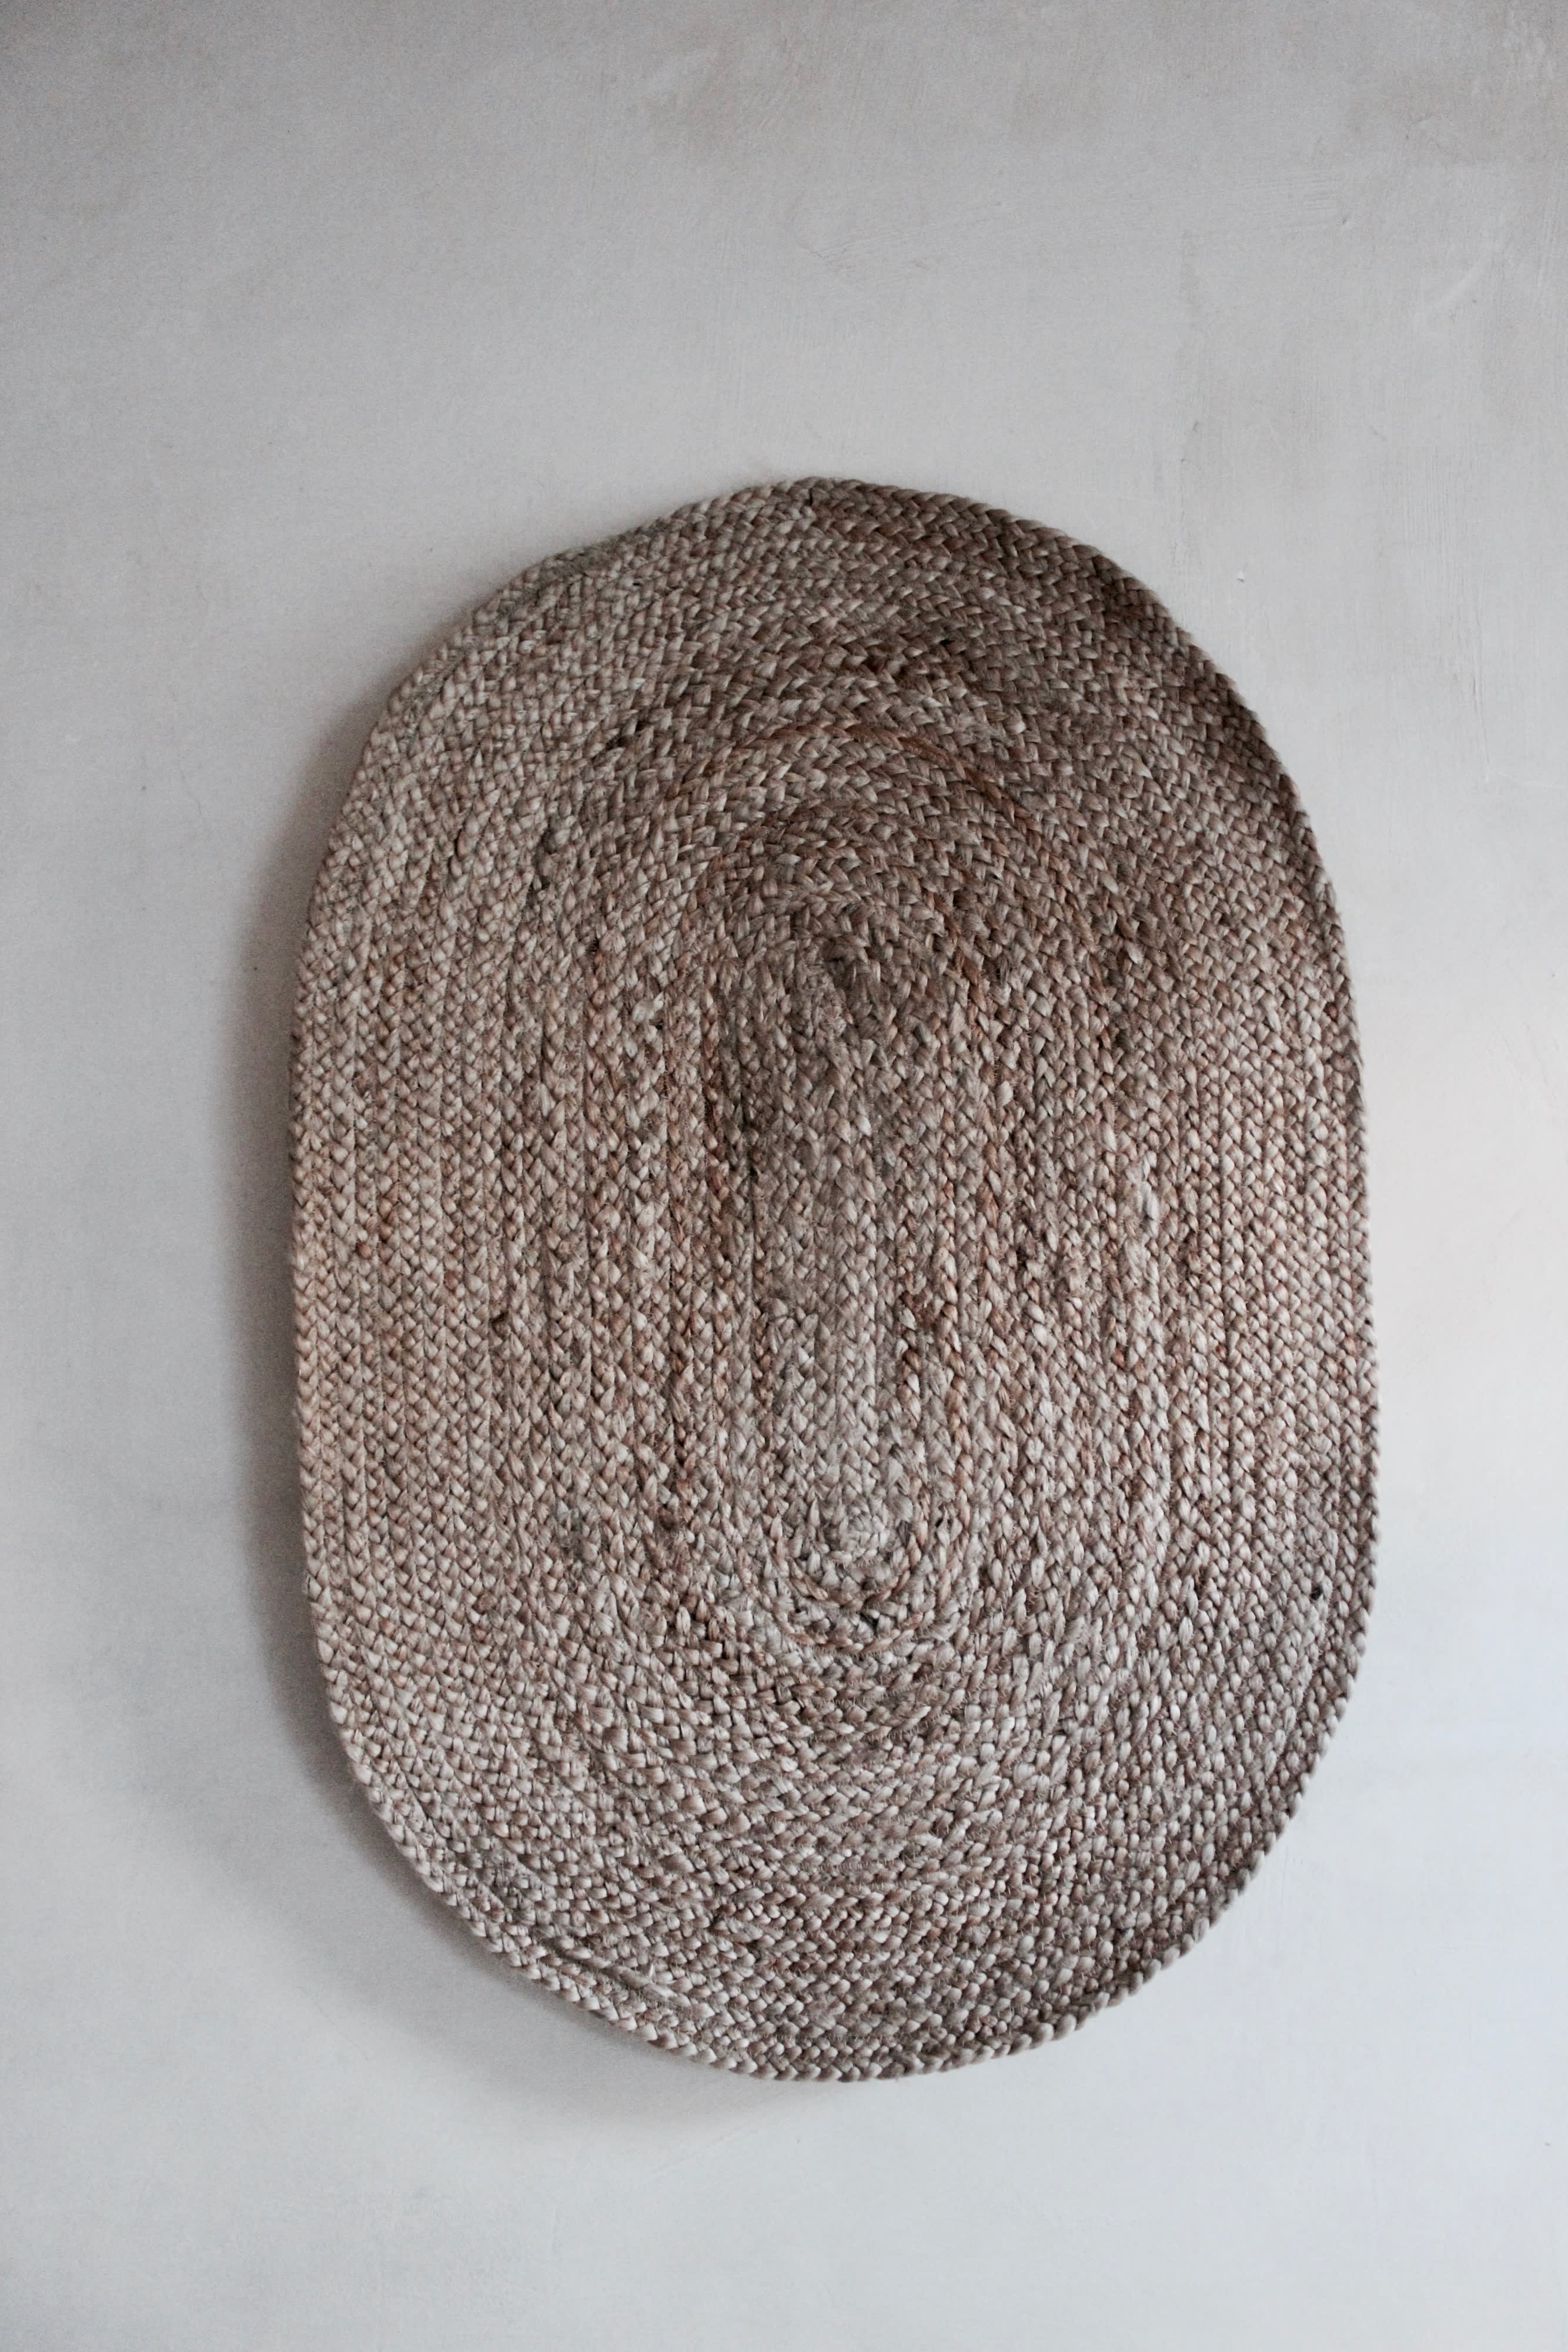 Medium Size Natural Jute Handmade Doormat/Bathmat